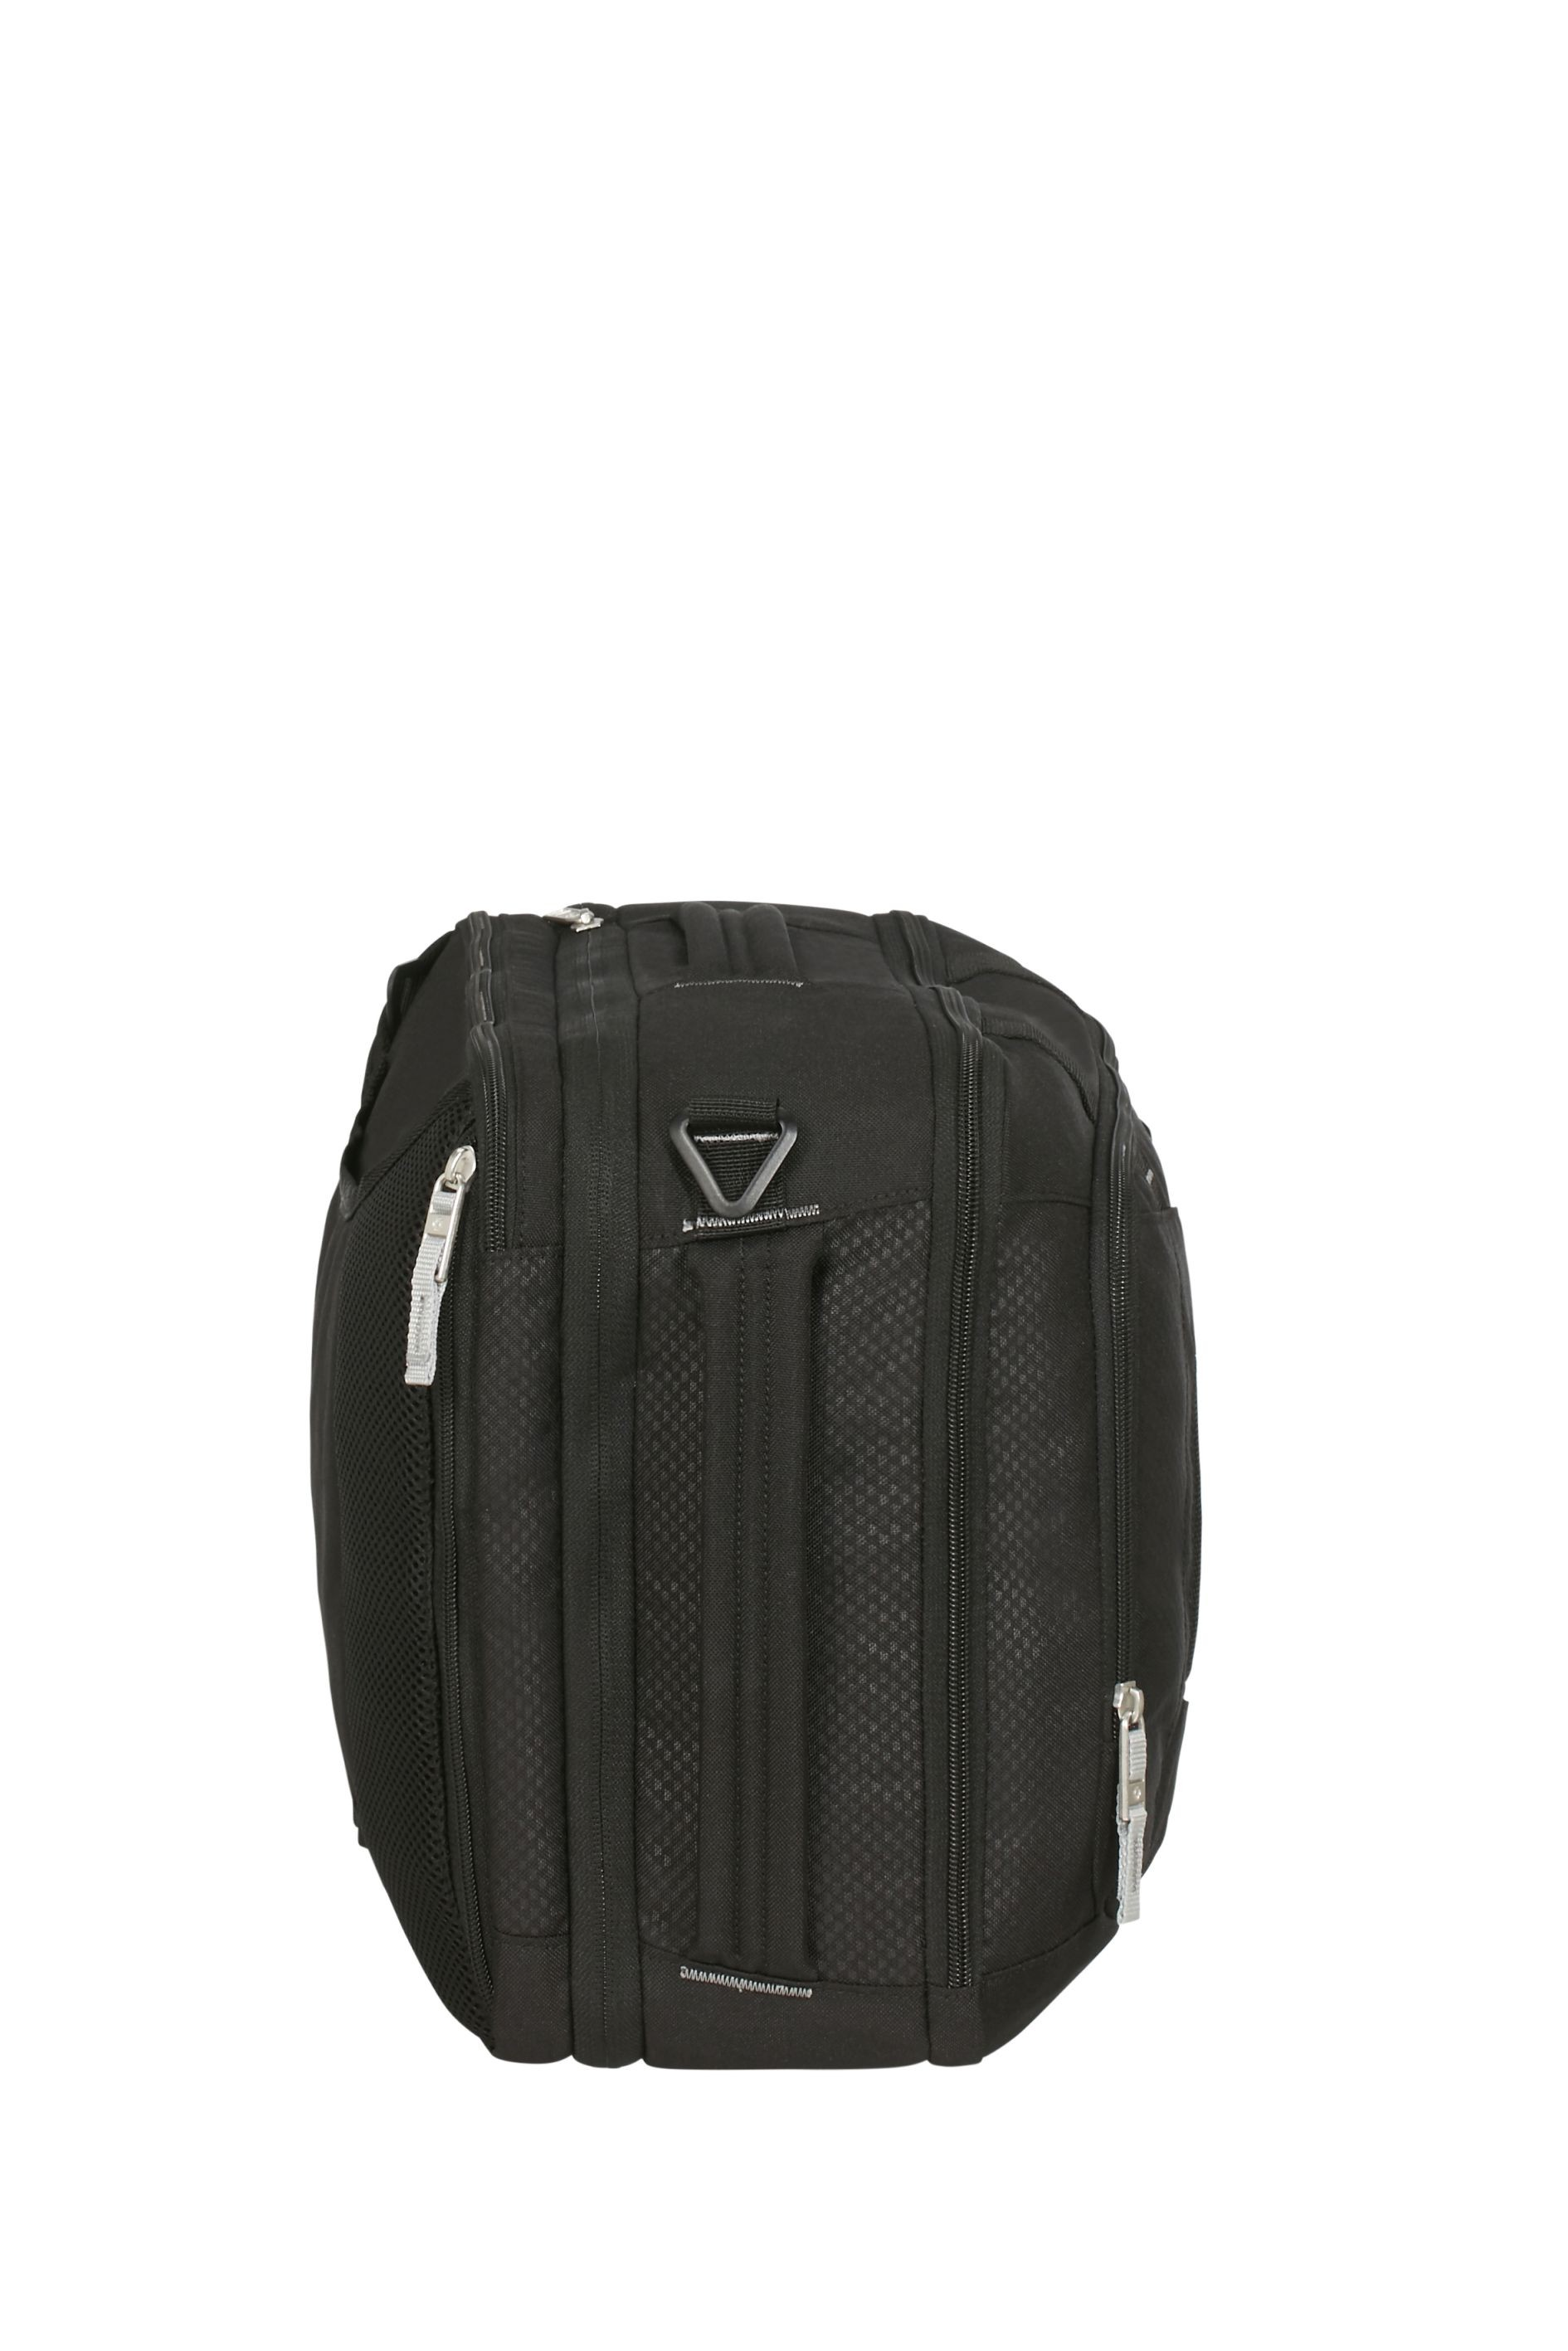 Samsonite Sonora 3-Way Shoulder Bag EXP, View 10